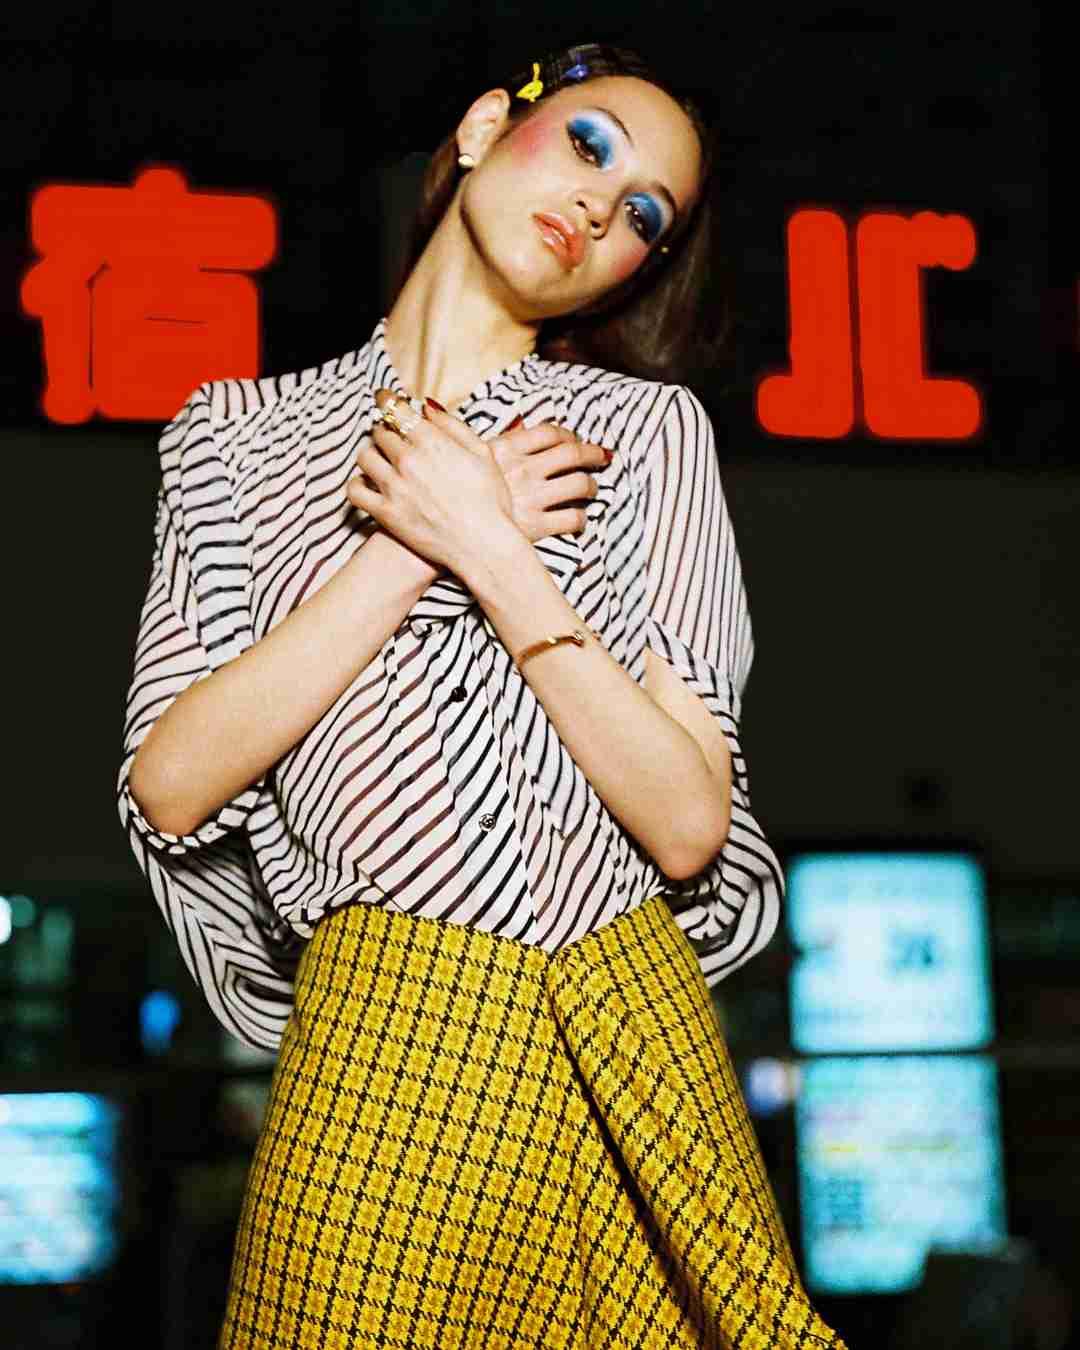 水原希子、レトロなファッションスタイルを披露「絵になる」「素敵」と話題に